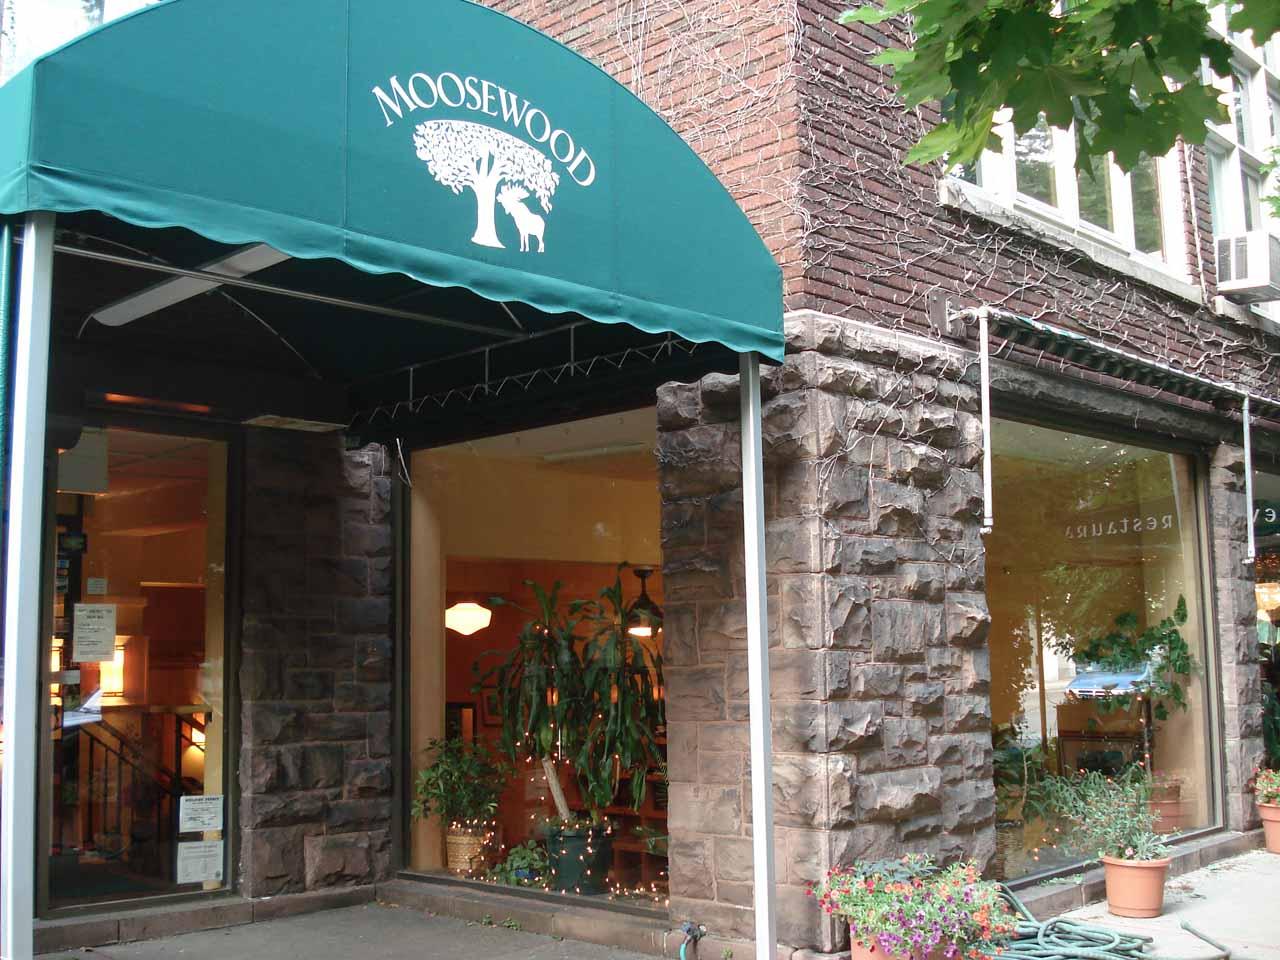 Moosewoods in Ithaca